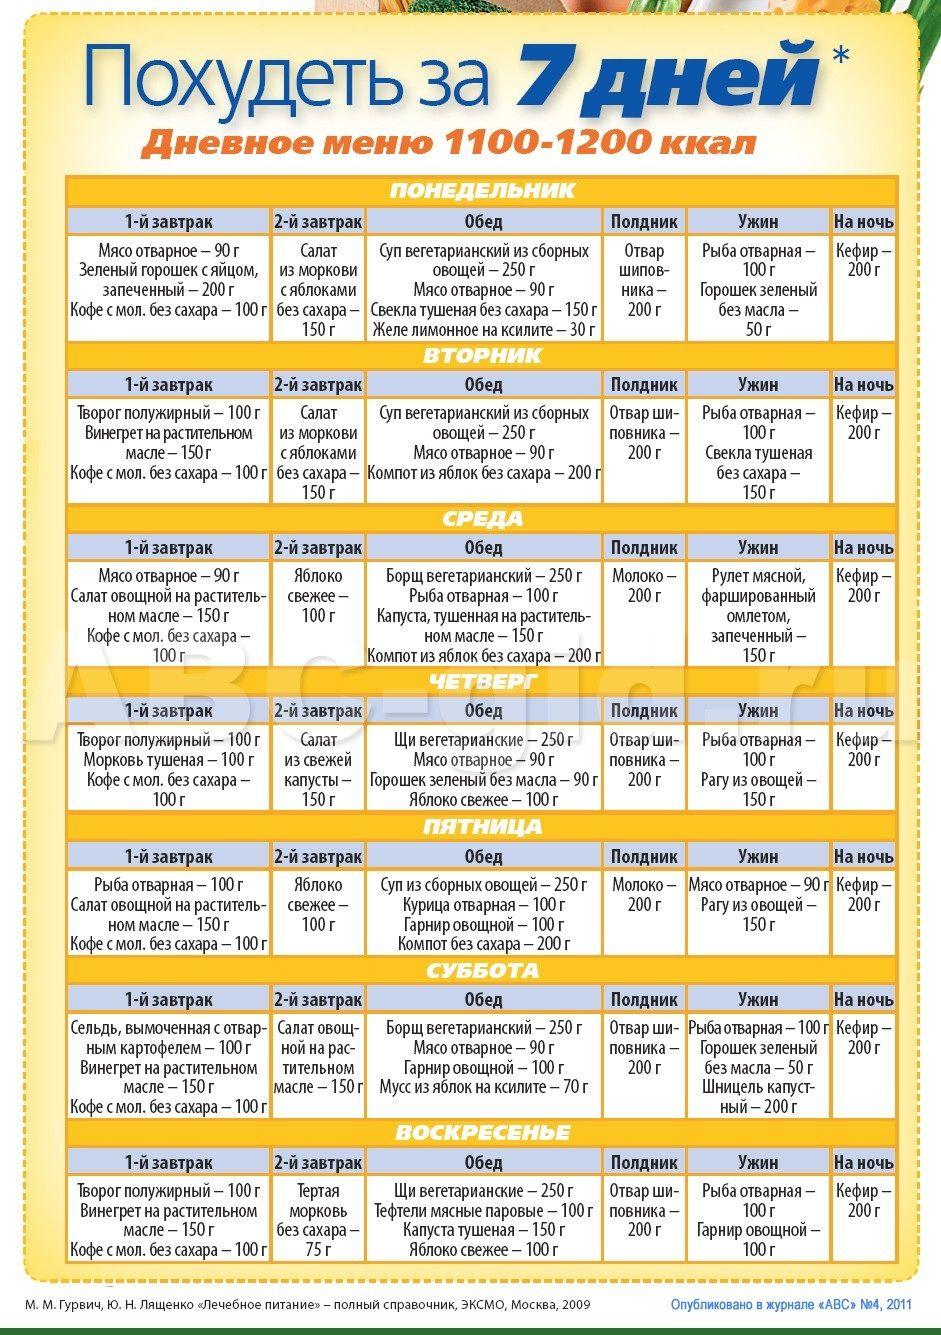 Диетология похудение | Питание меню, Здоровье, Диета